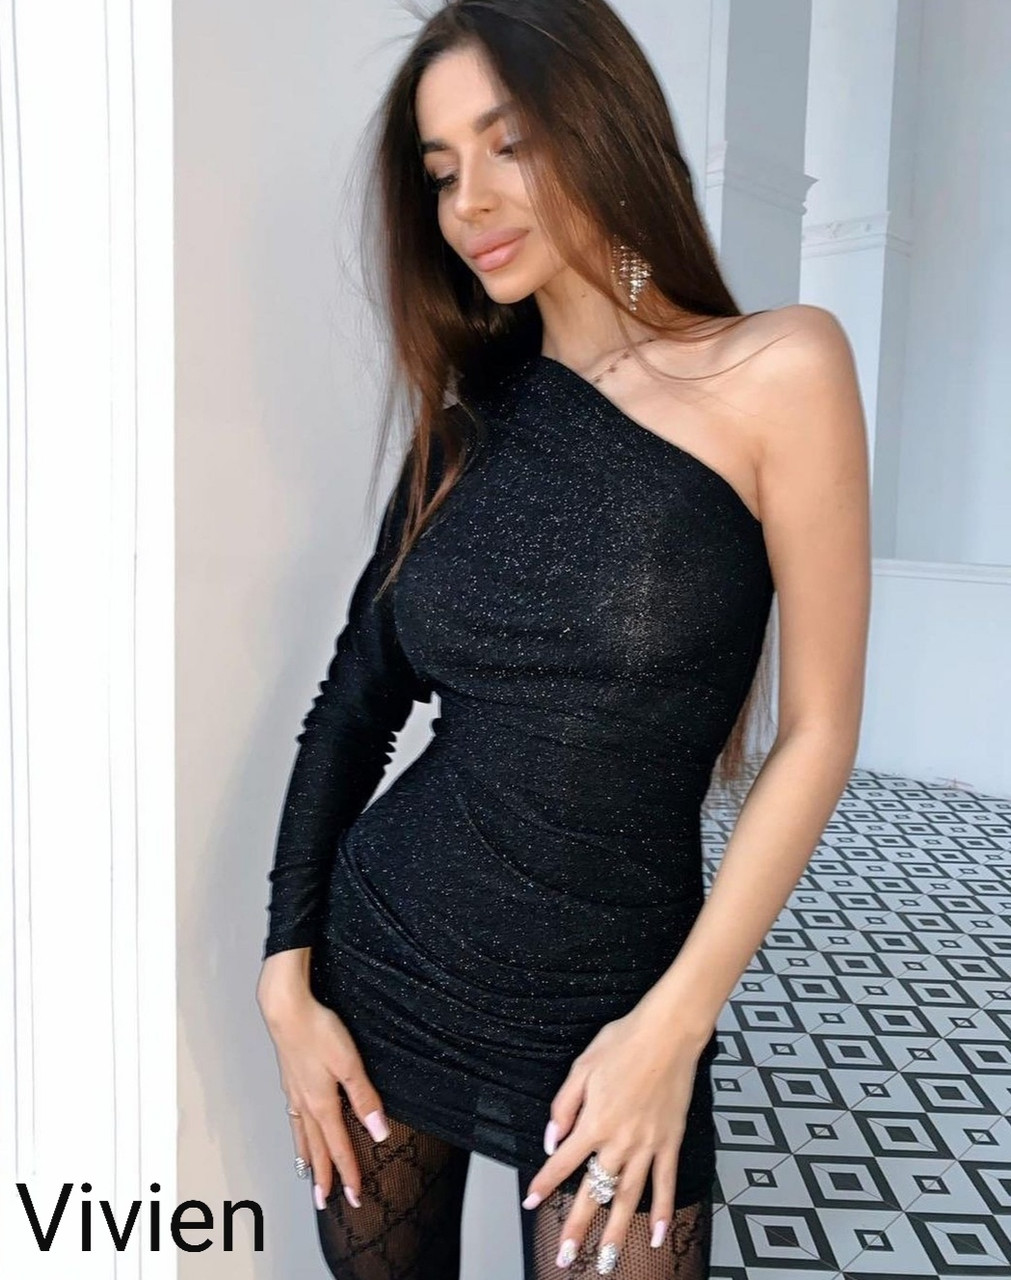 Женское новогоднее платье нарядное сексуальное черное 42-44 44-46 короткое на новый год на один рукав хит